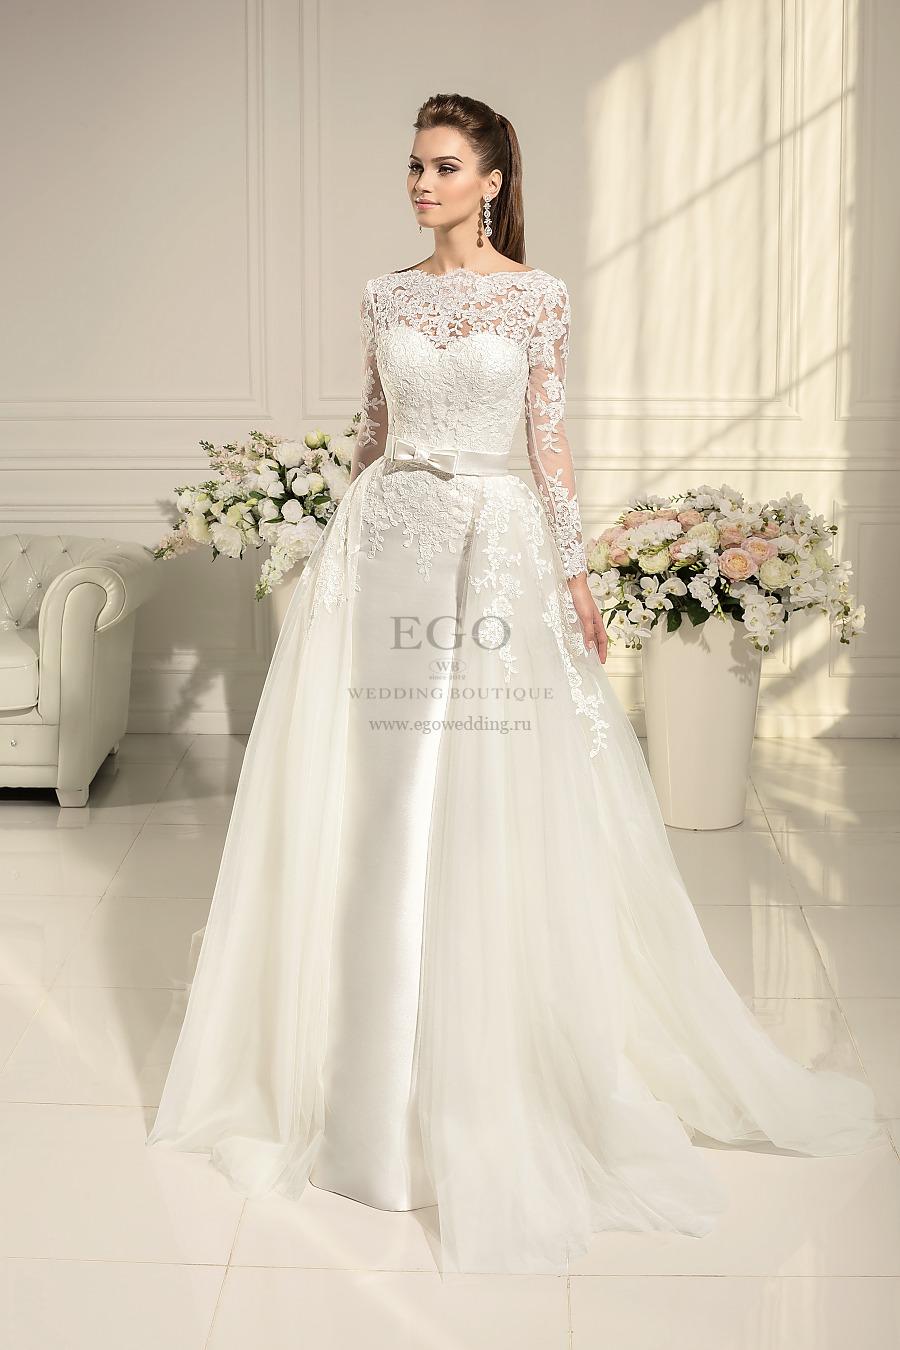 4233ffa5f6d Купить свадебное платье Nora Naviano модель 14600 Anabel в Саратове.